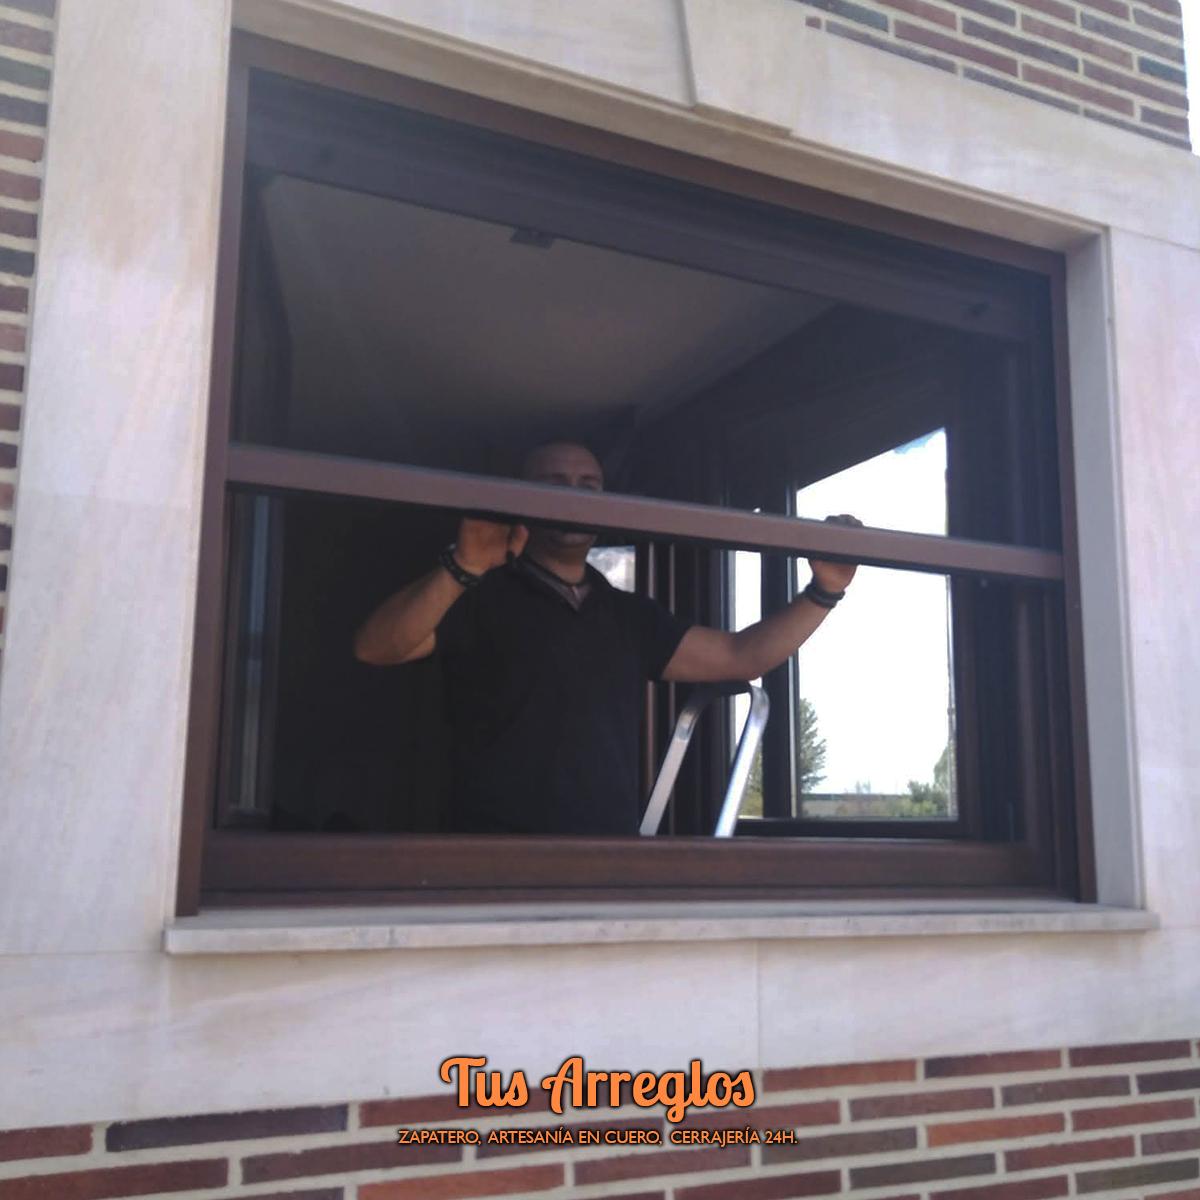 ‼️‼️SEGUIMOS INSTALANDO MOSQUITERAS‼️‼️ 📱 609 84 26 18 - 617 83 66 76 #zapateria #artesania #cuero #tusarreglos #valenciadedonjuan #leon #cerraduras #seguridad #cerrajeria24h #mosquiteras https://t.co/HBVNB9cwOh